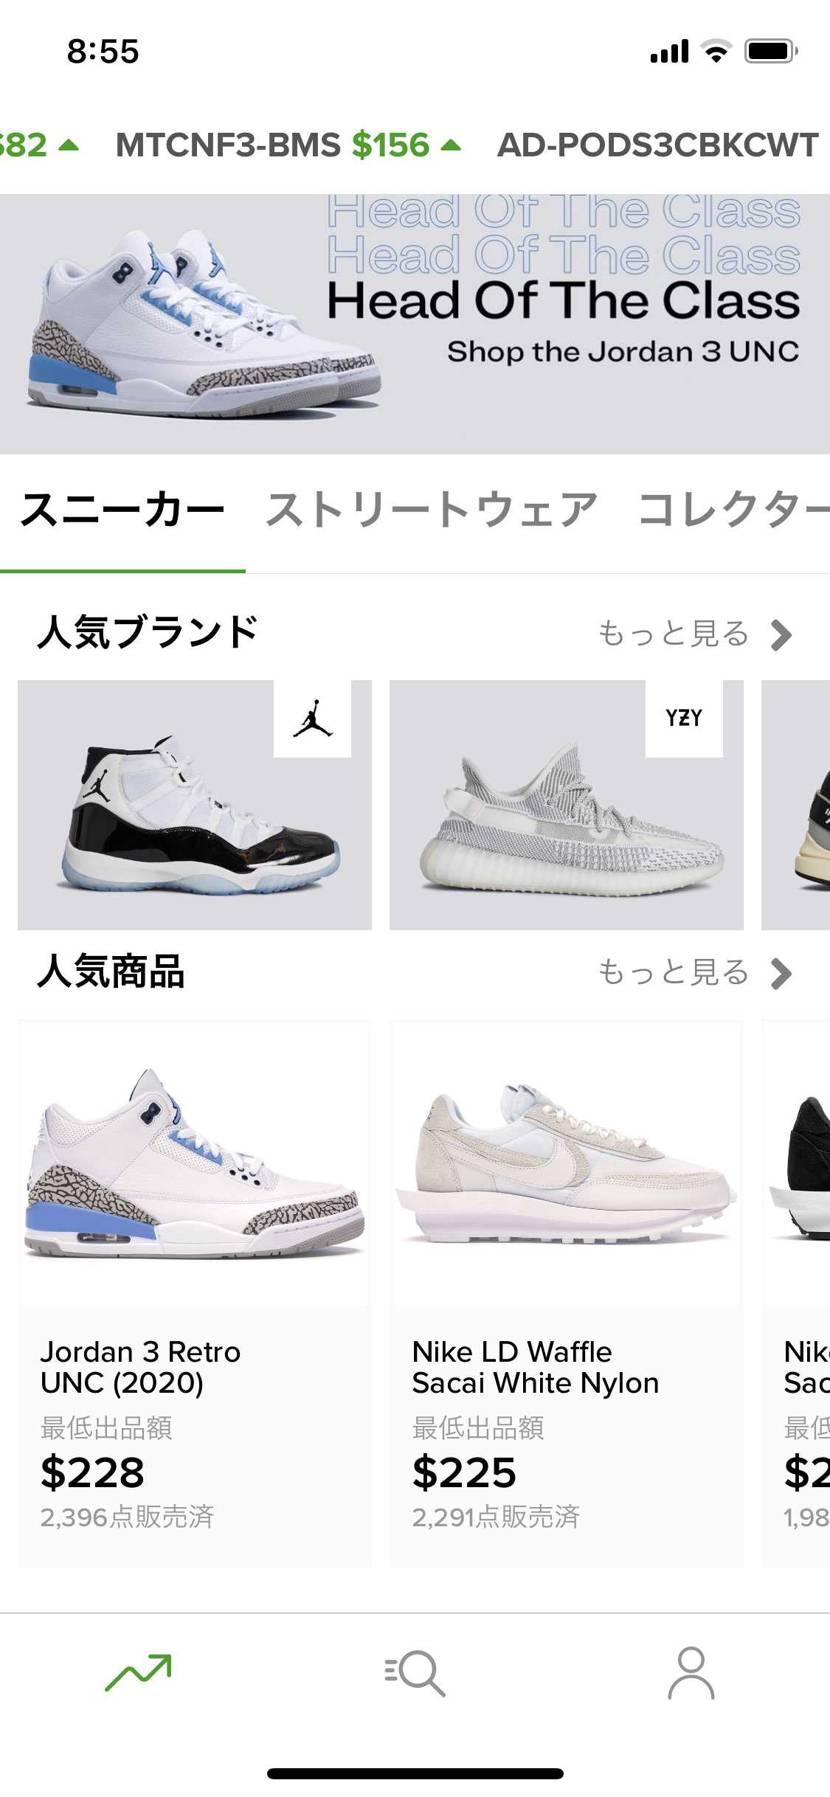 いつのまにかstockXが日本語に対応してますね